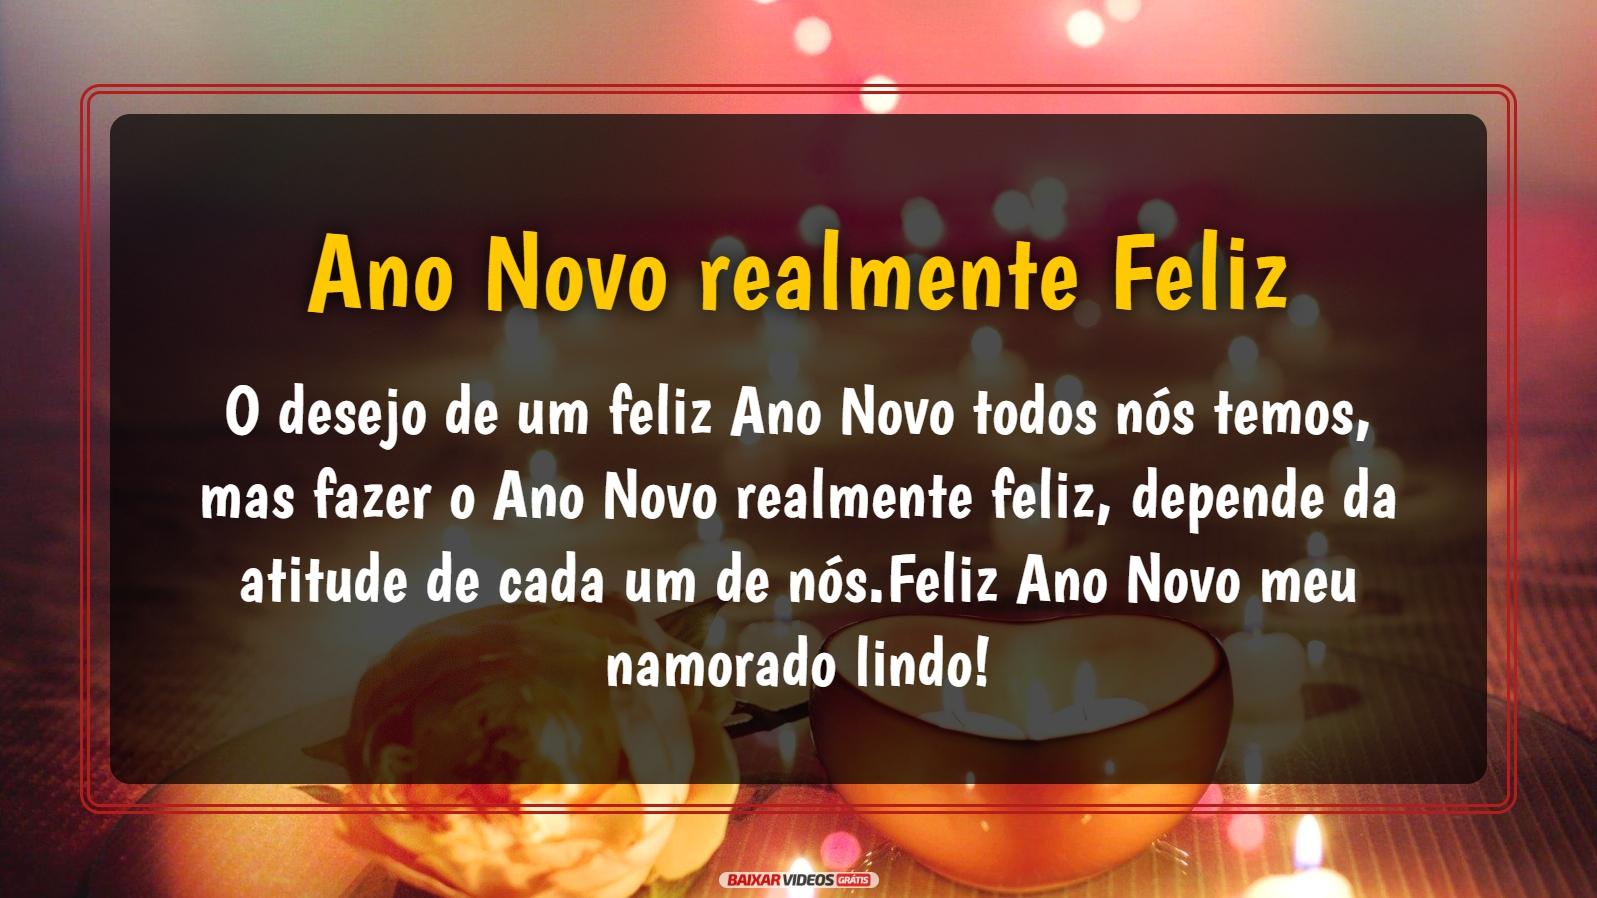 O desejo de um feliz Ano Novo todos nós temos, mas fazer o Ano Novo realmente feliz, depende da atitude de cada um de nós.Feliz Ano Novo meu namorado lindo!